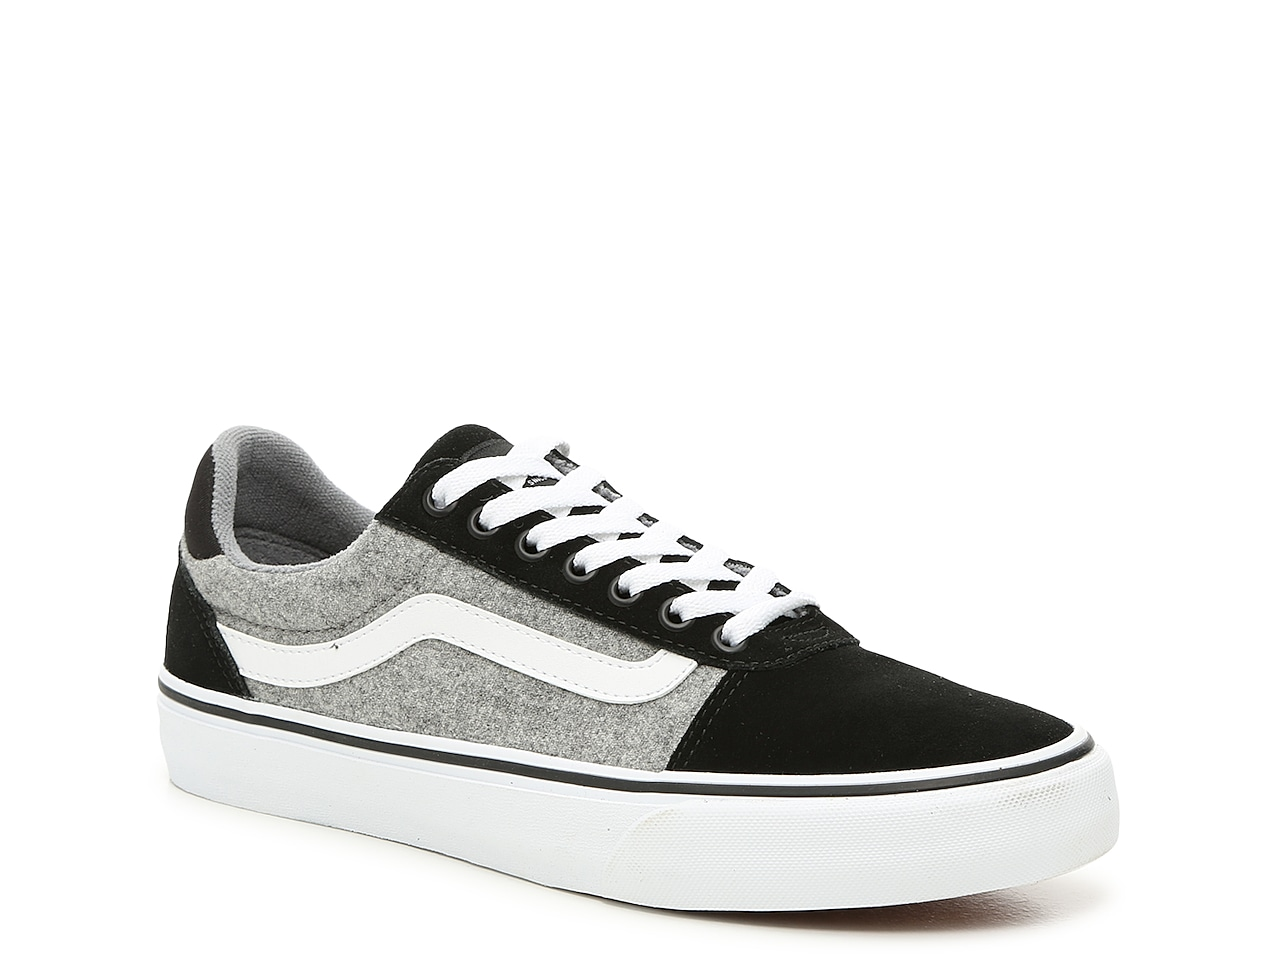 Ward Lo Deluxe Sneaker - Men's